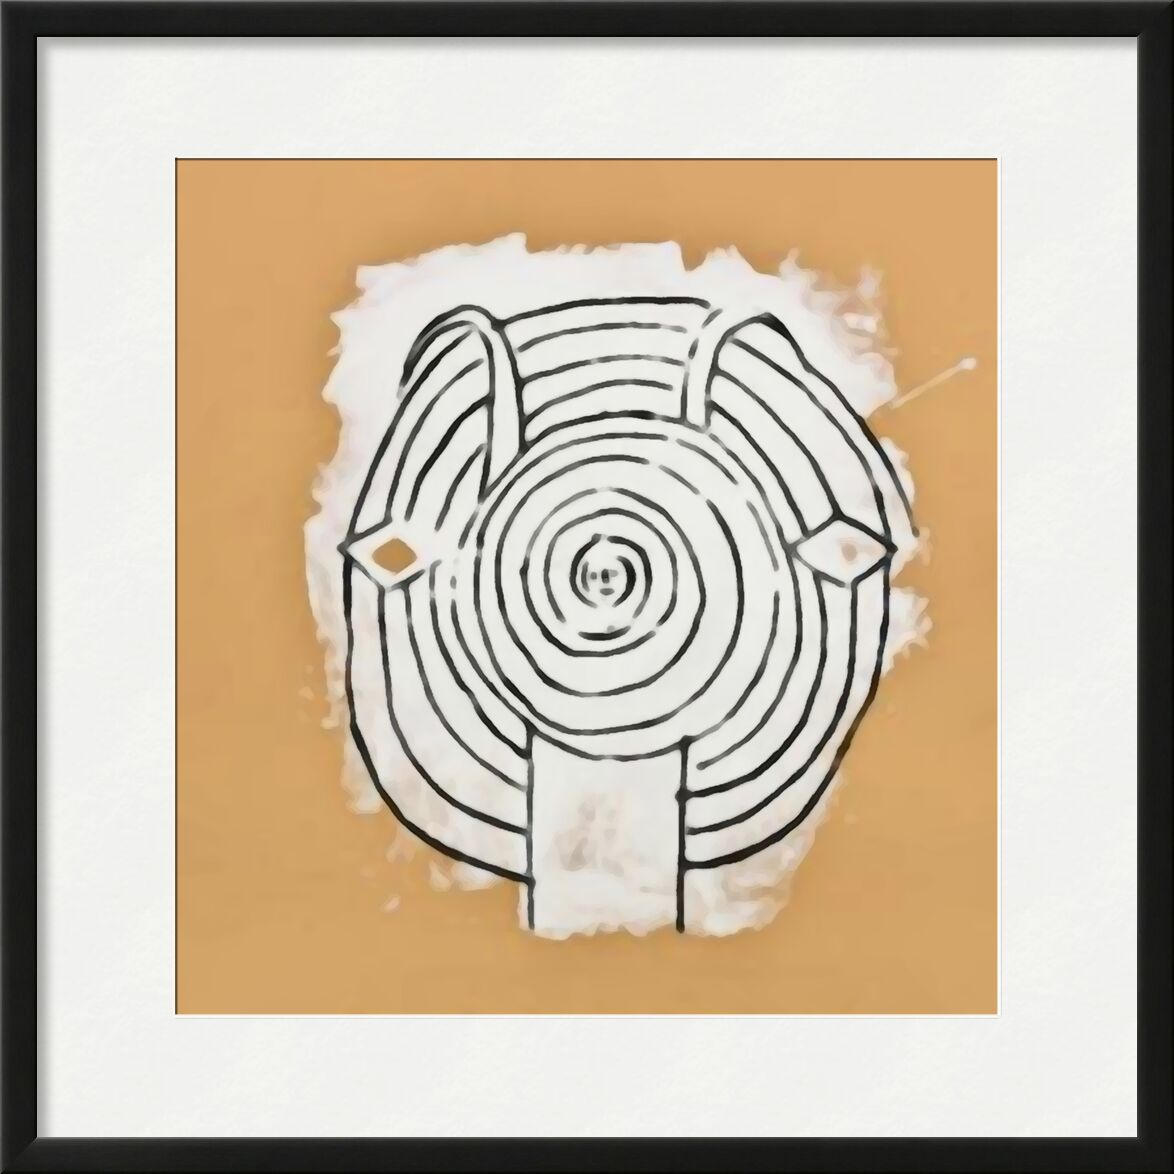 Head of Fauna in Grey - Picasso desde AUX BEAUX-ARTS, Prodi Art, picasso, dibujo, dibujo a lápiz, abstracto, fauna silvestre